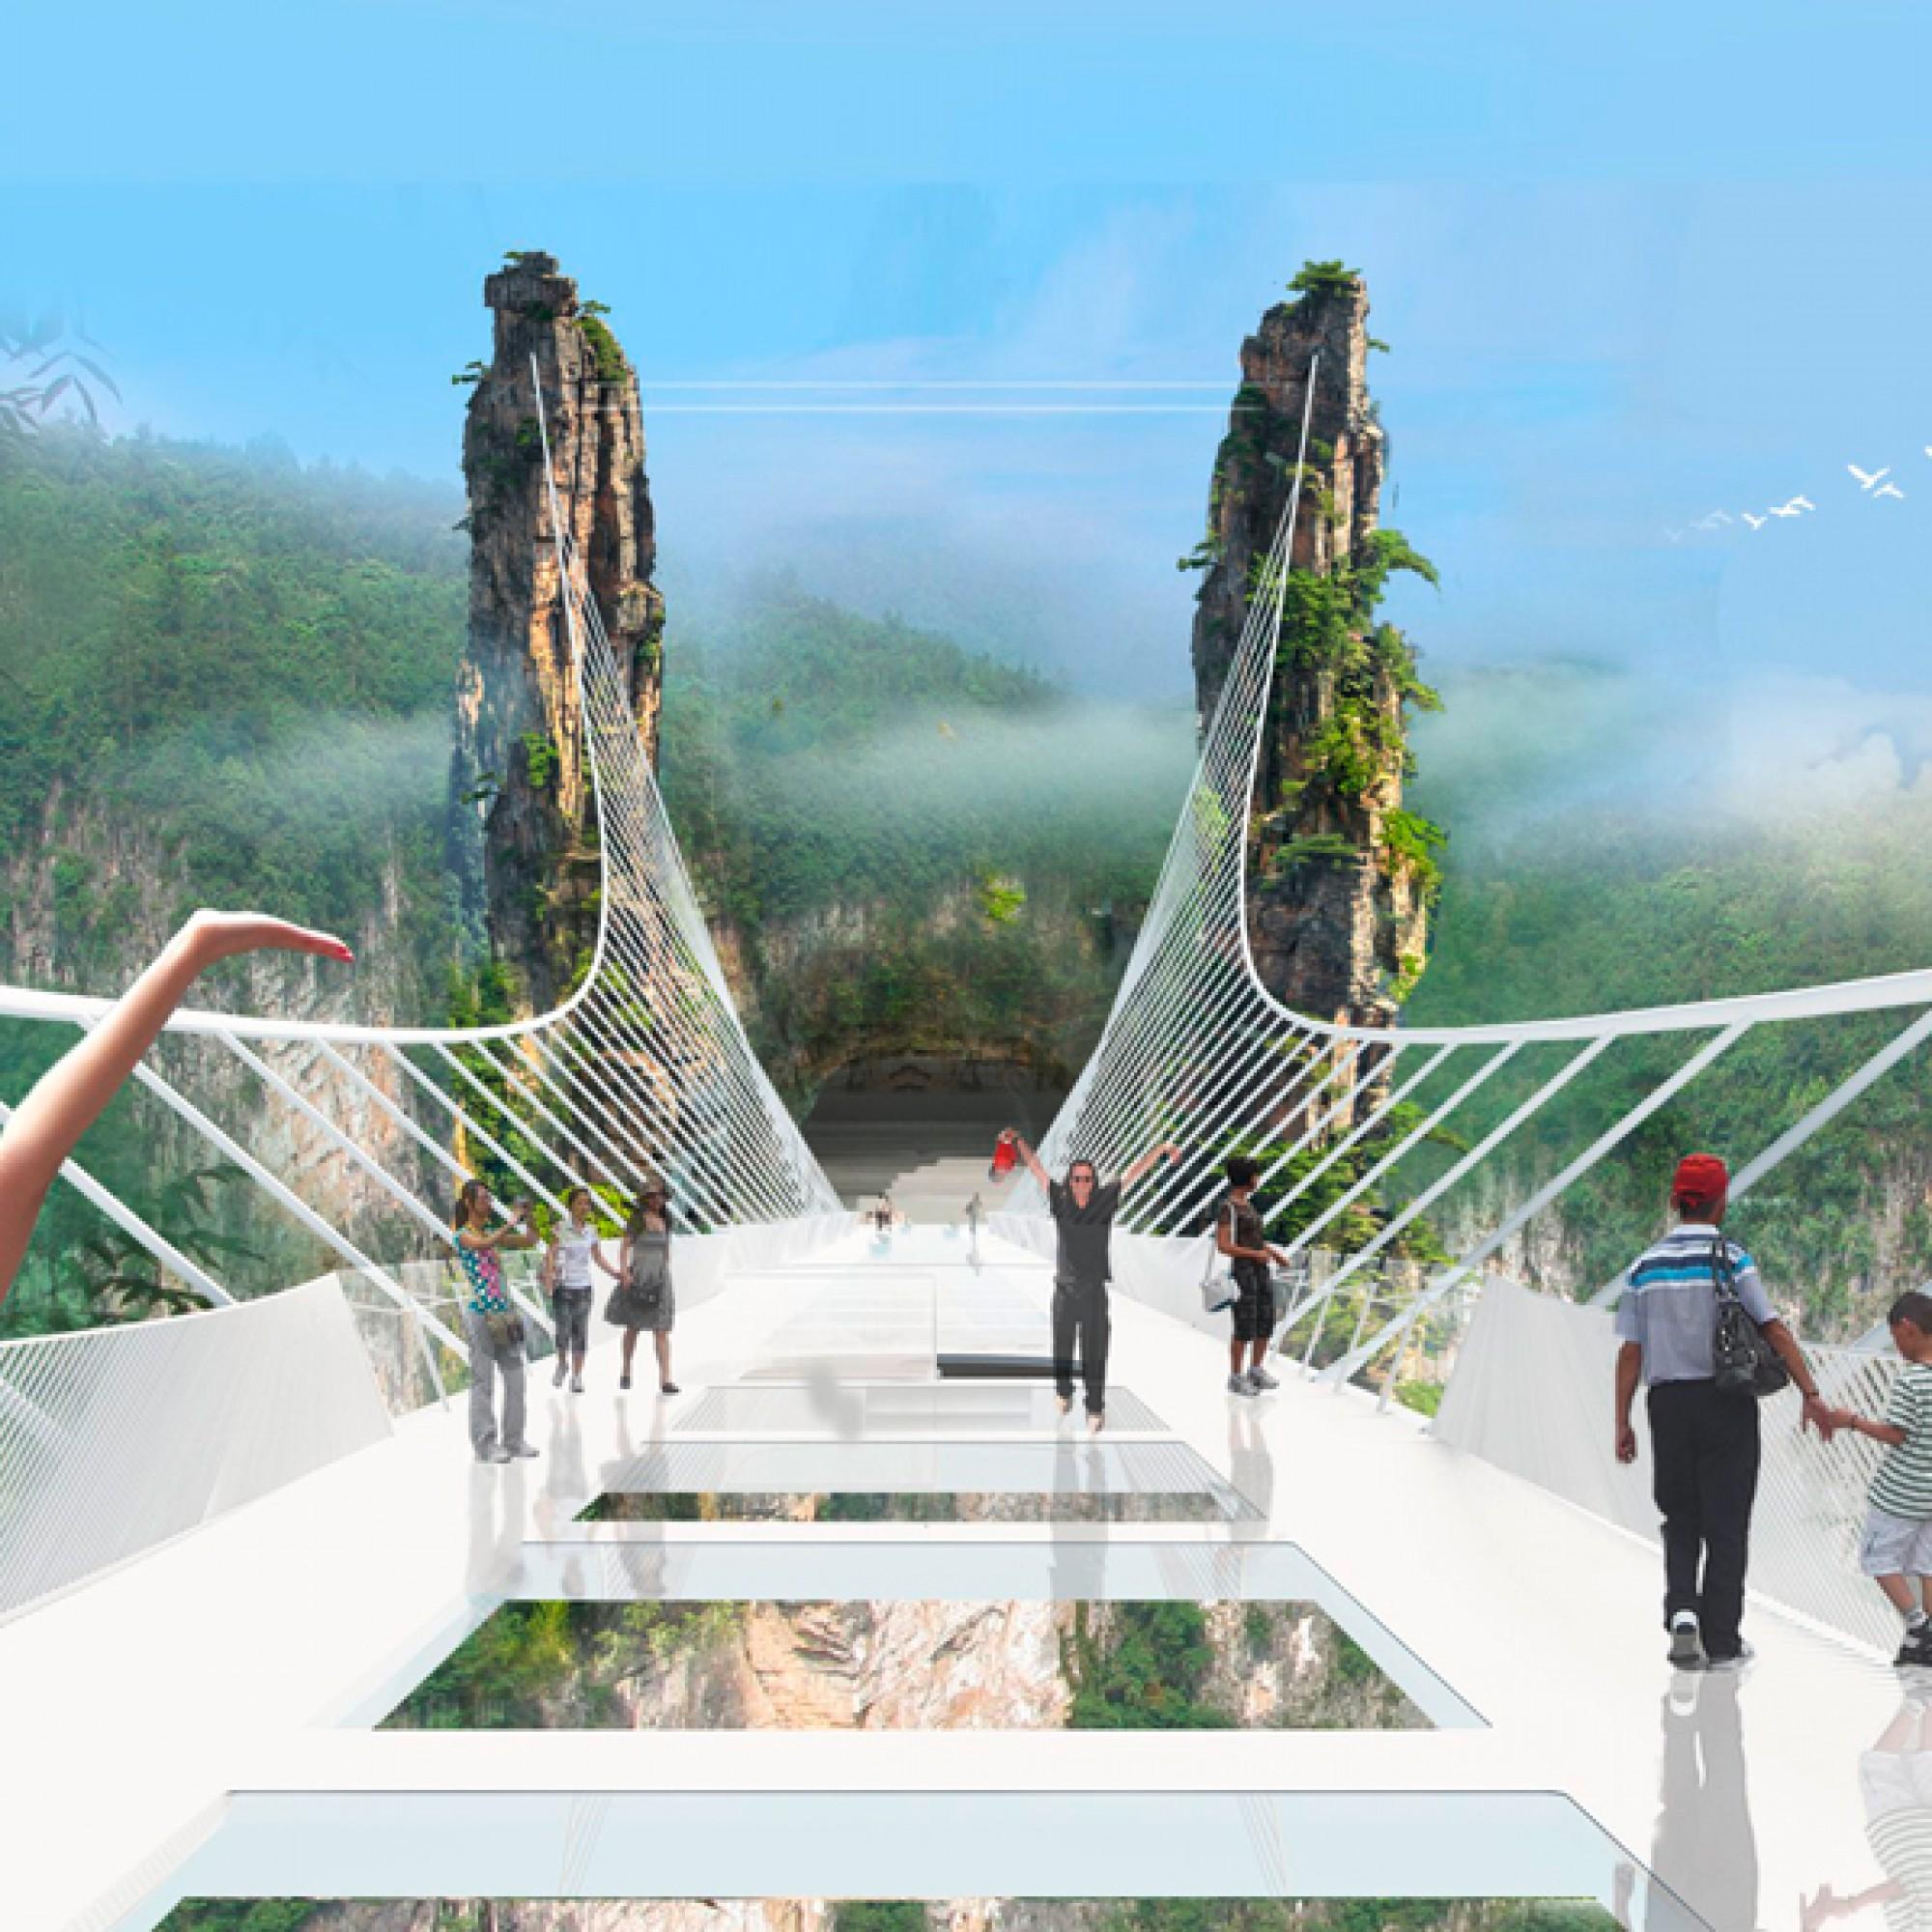 Die Brücke bietet Wanderern, Spaziergängern ...  (zvg)